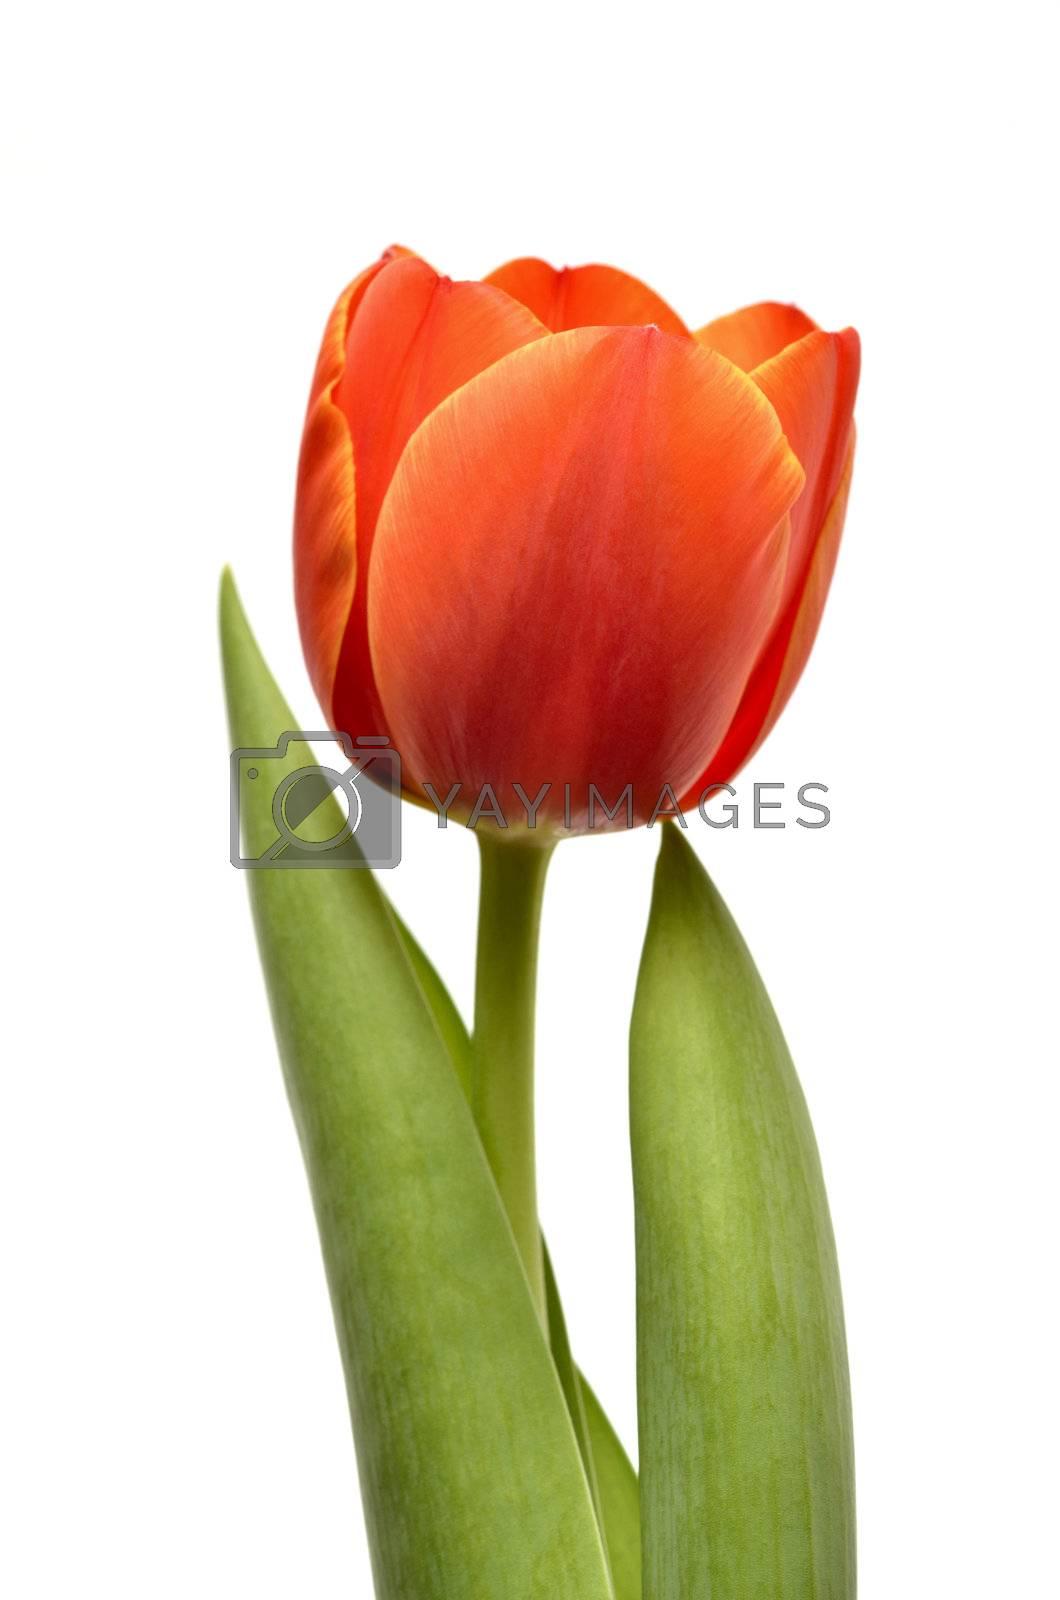 Tulip isolated on white background